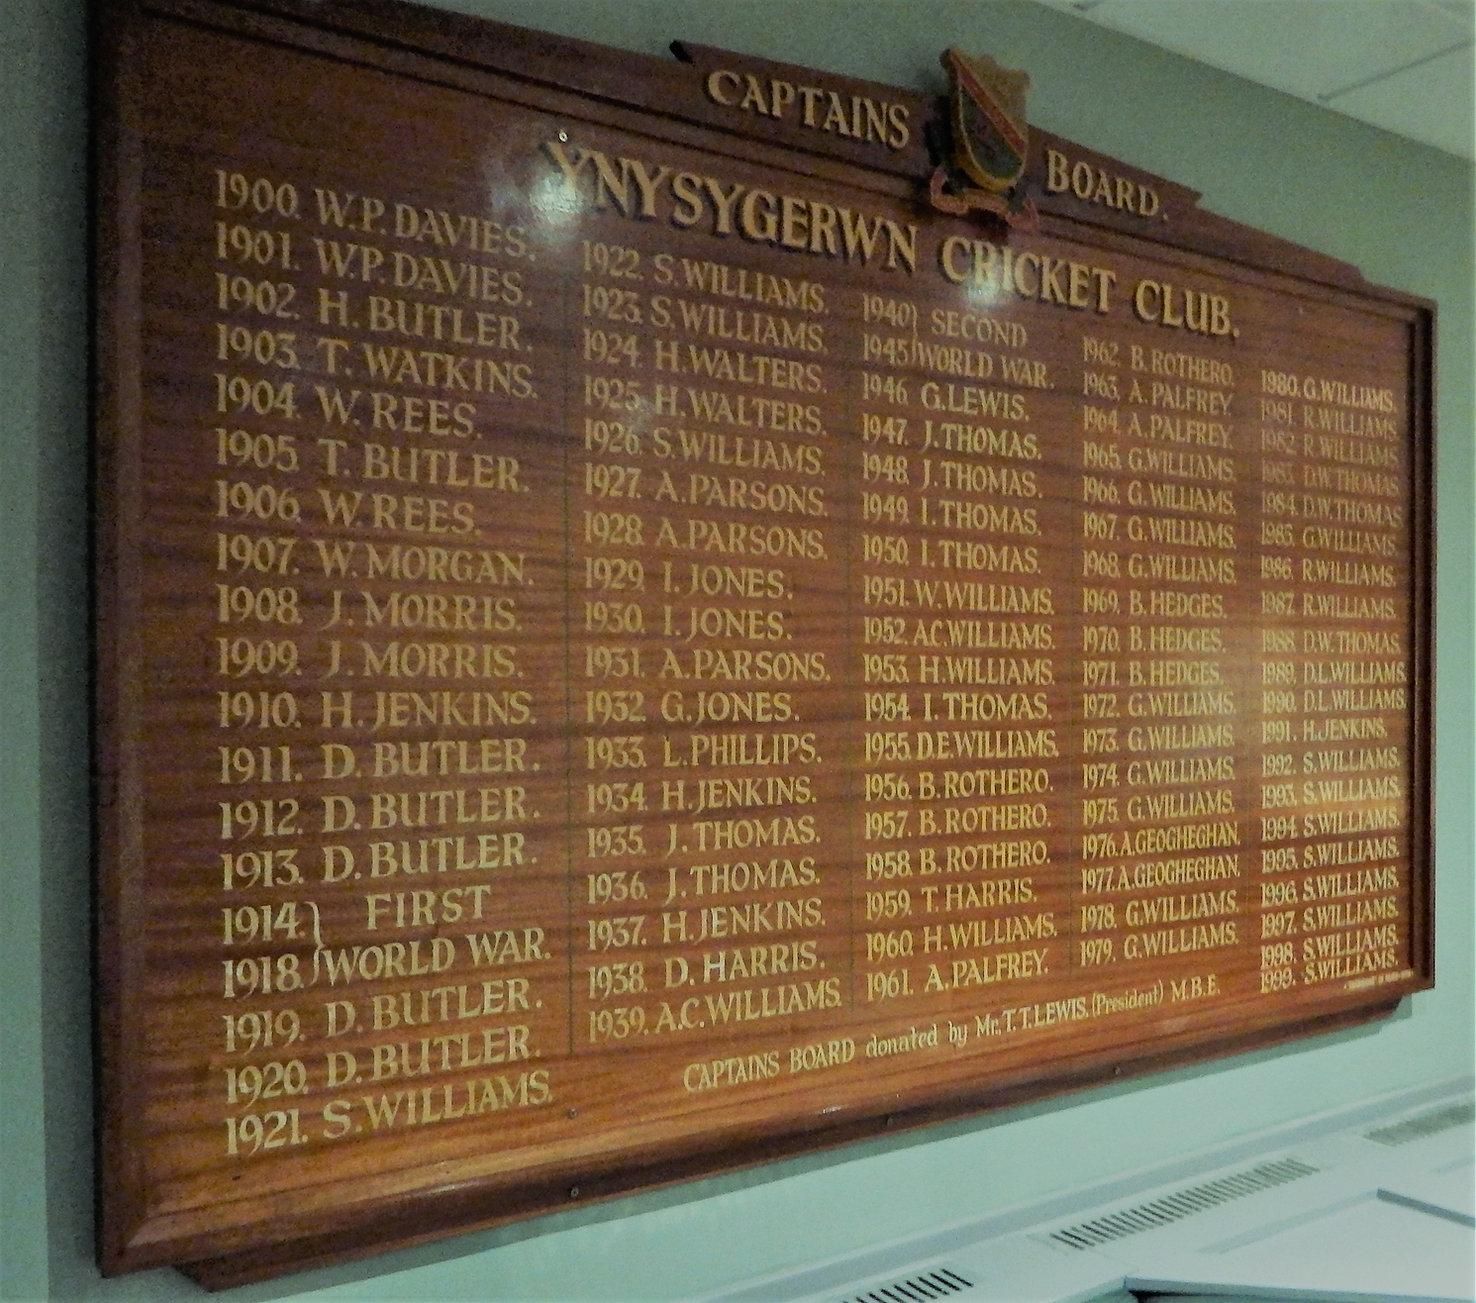 Ynysygerwn Captains Board